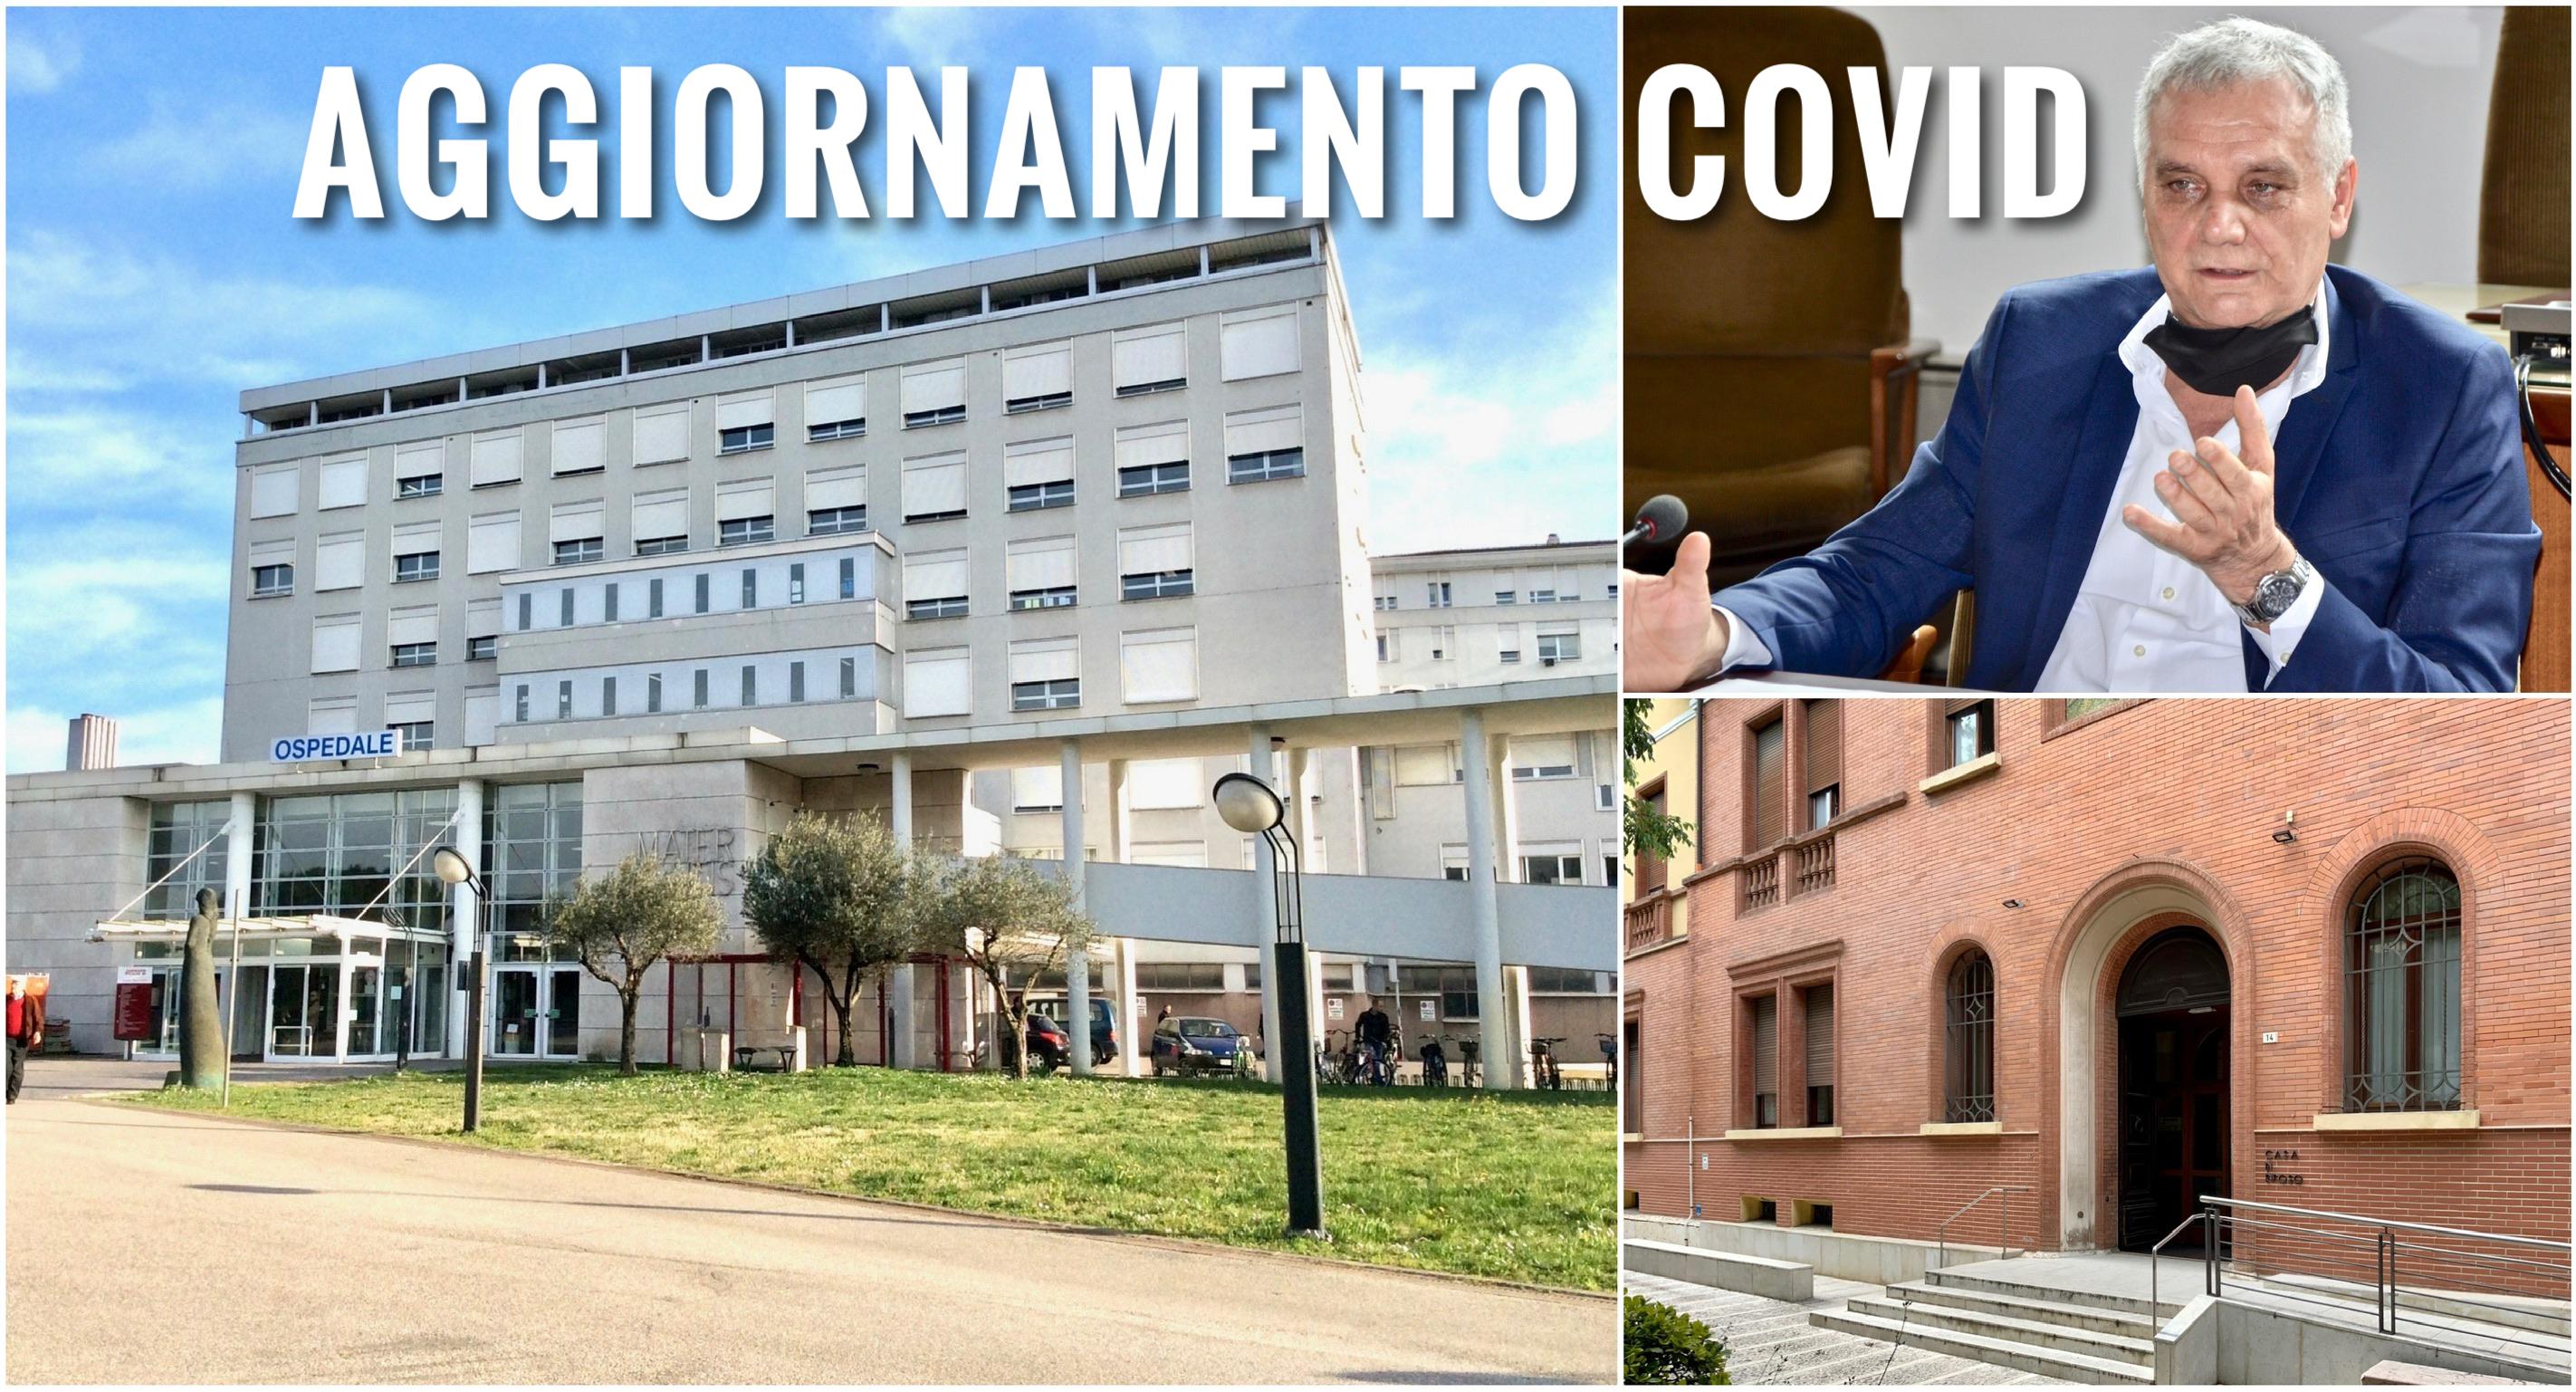 LEGNAGO. [VIDEO] AGGIORNAMENTO SITUAZIONE COVID AL MATER SALUTIS E CASA DI RIPOSO AD OGGI 6 MAGGIO 2021.